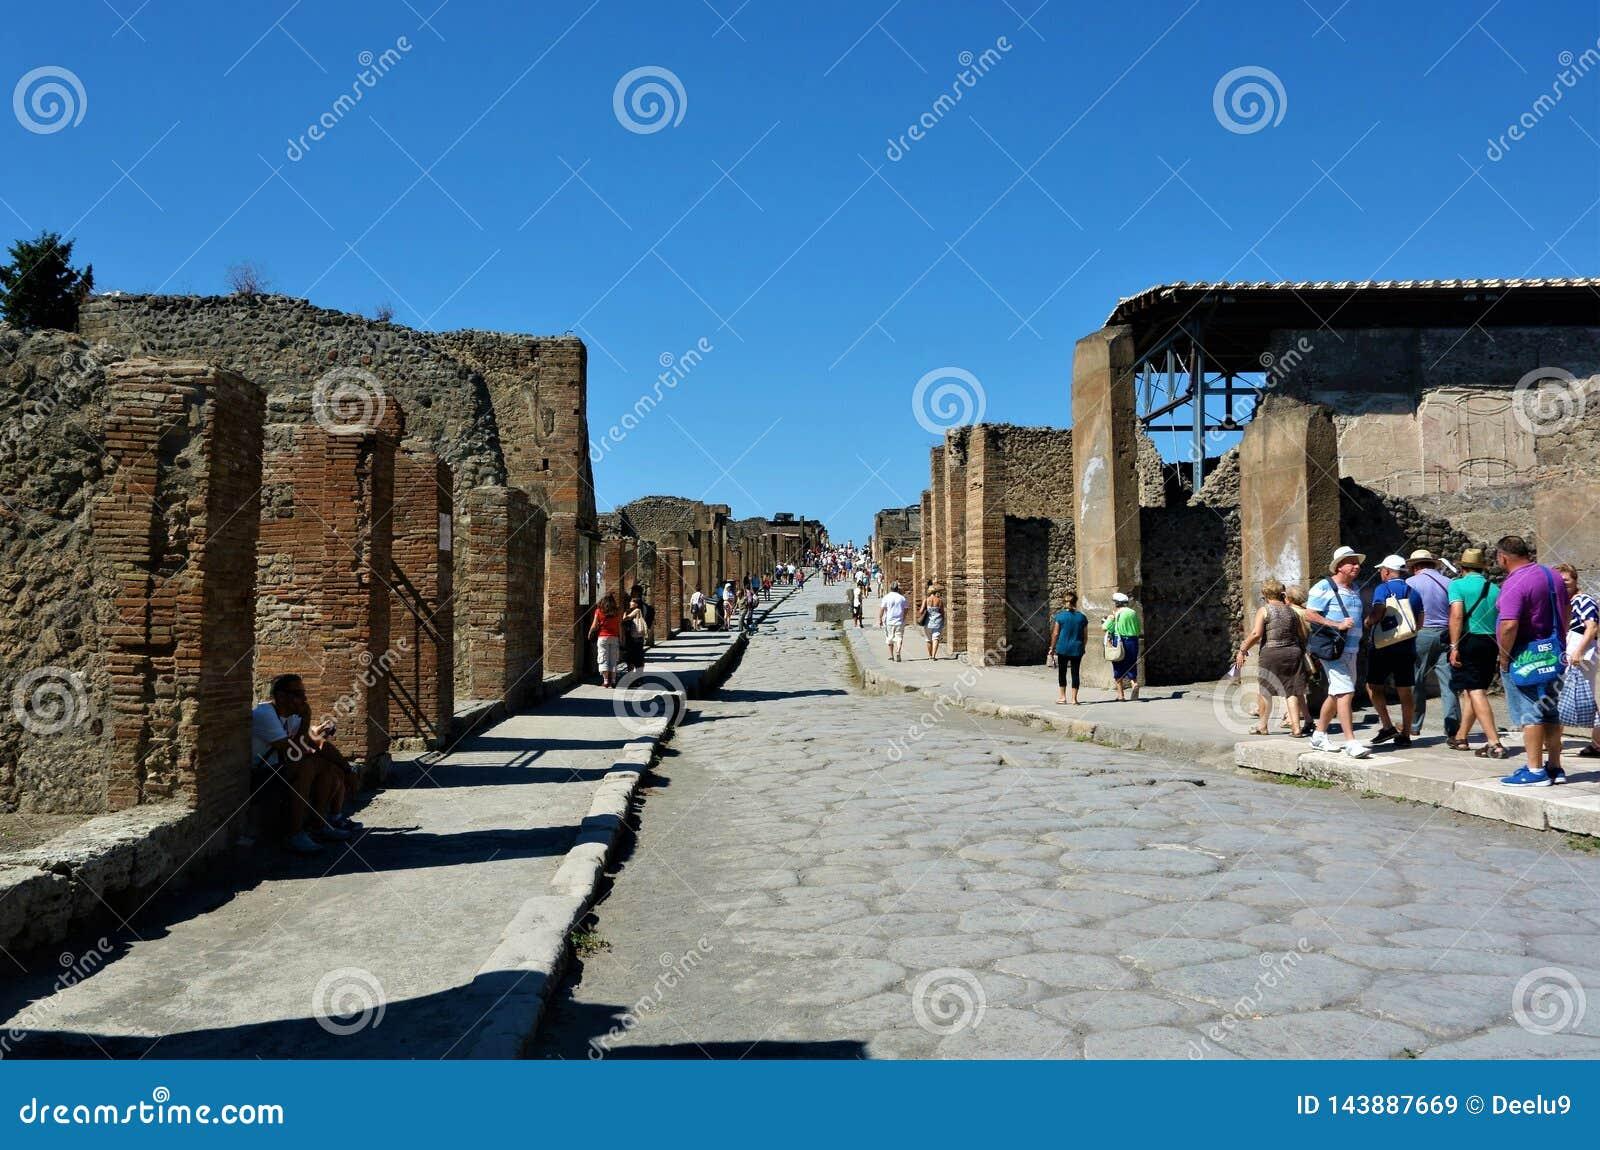 Rua na cidade antiga de Pompeii